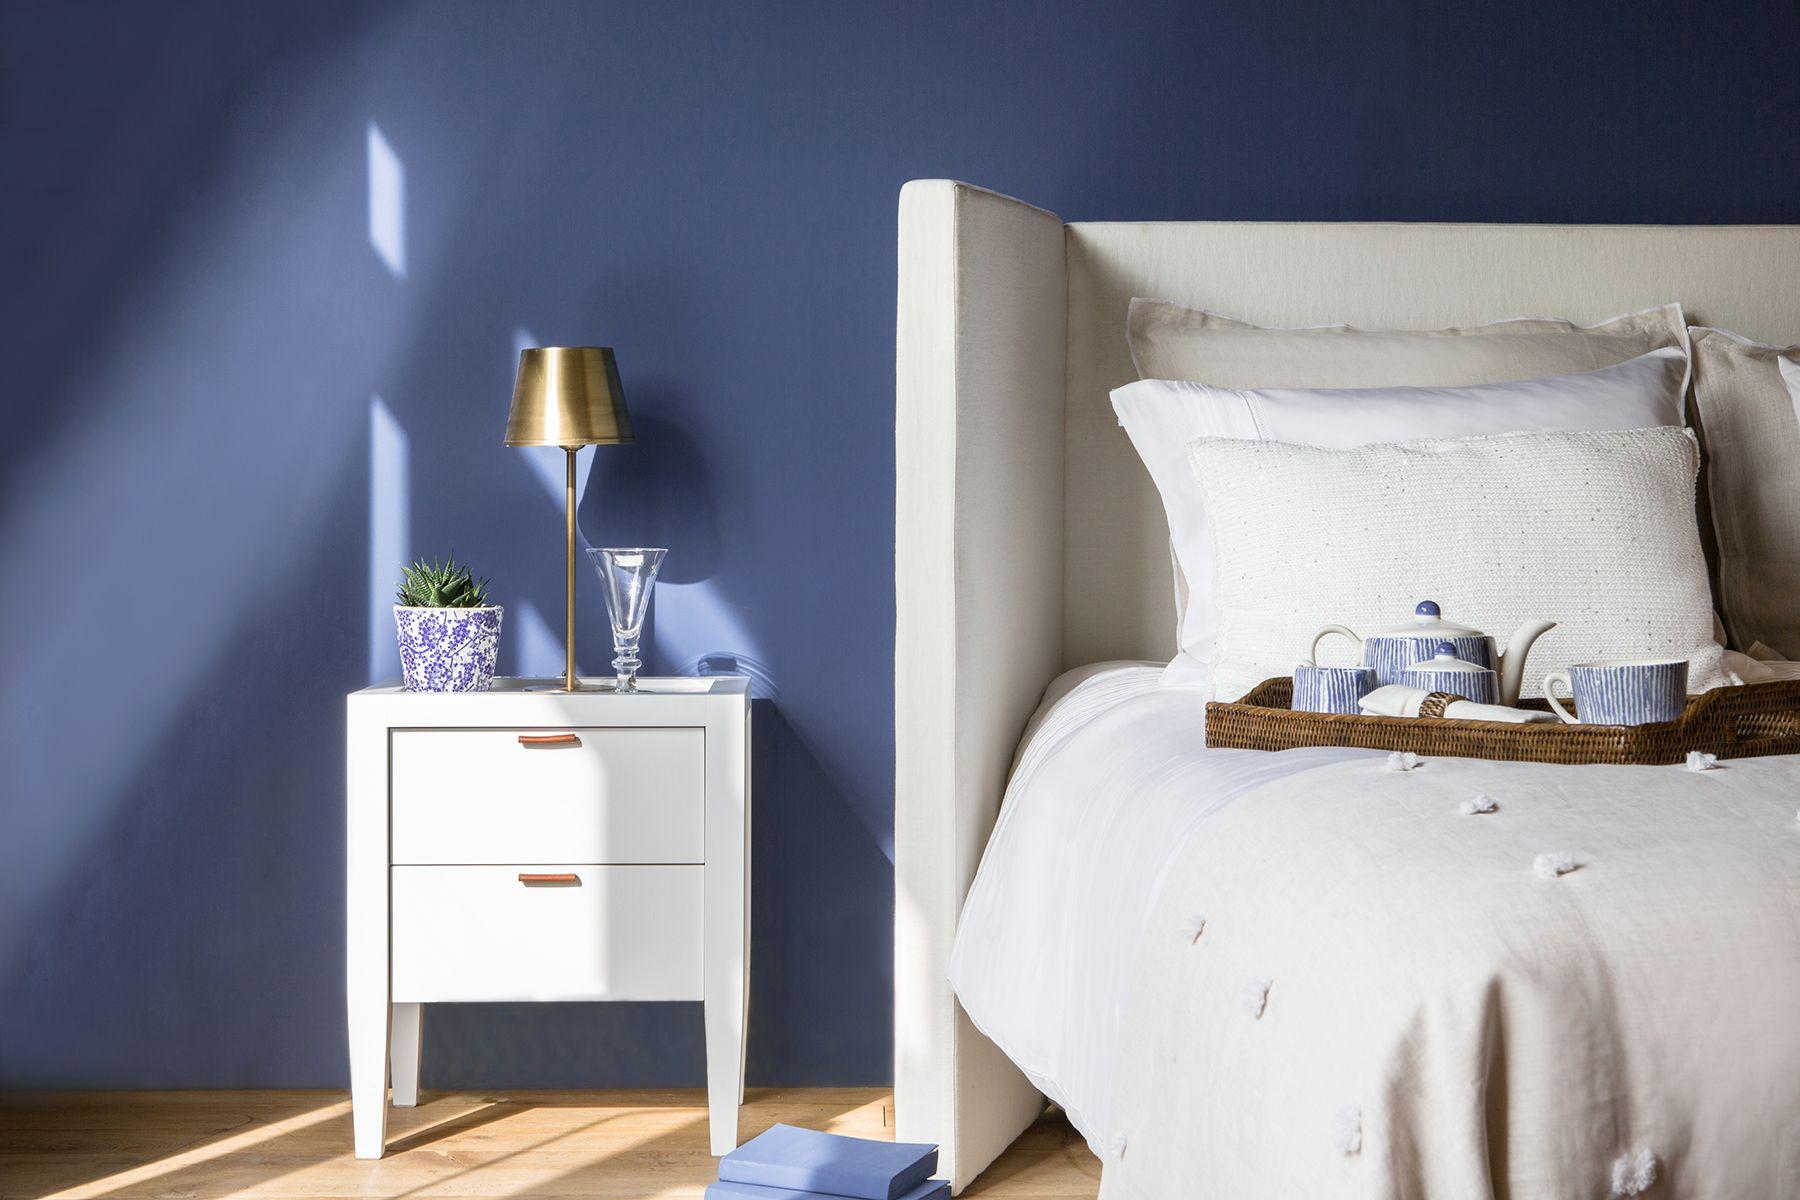 7 Nouvelles Couleurs Flamant En 2018 Decoration Maison Architecte Interieur Peinture Flamant